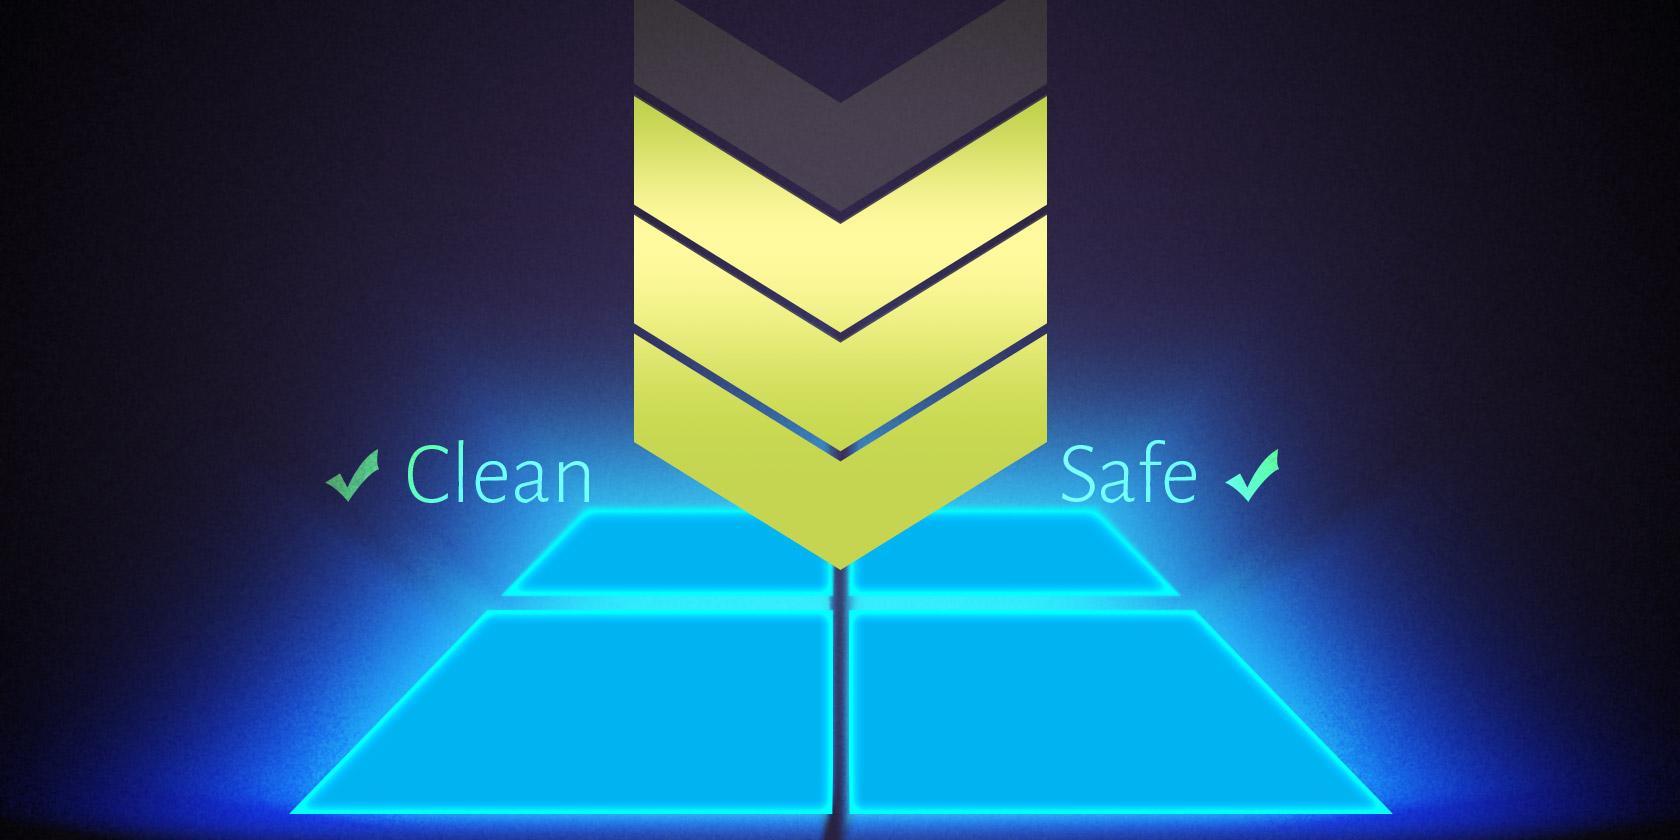 Самые безопасные сайты для скачивания бесплатных программ для Windows